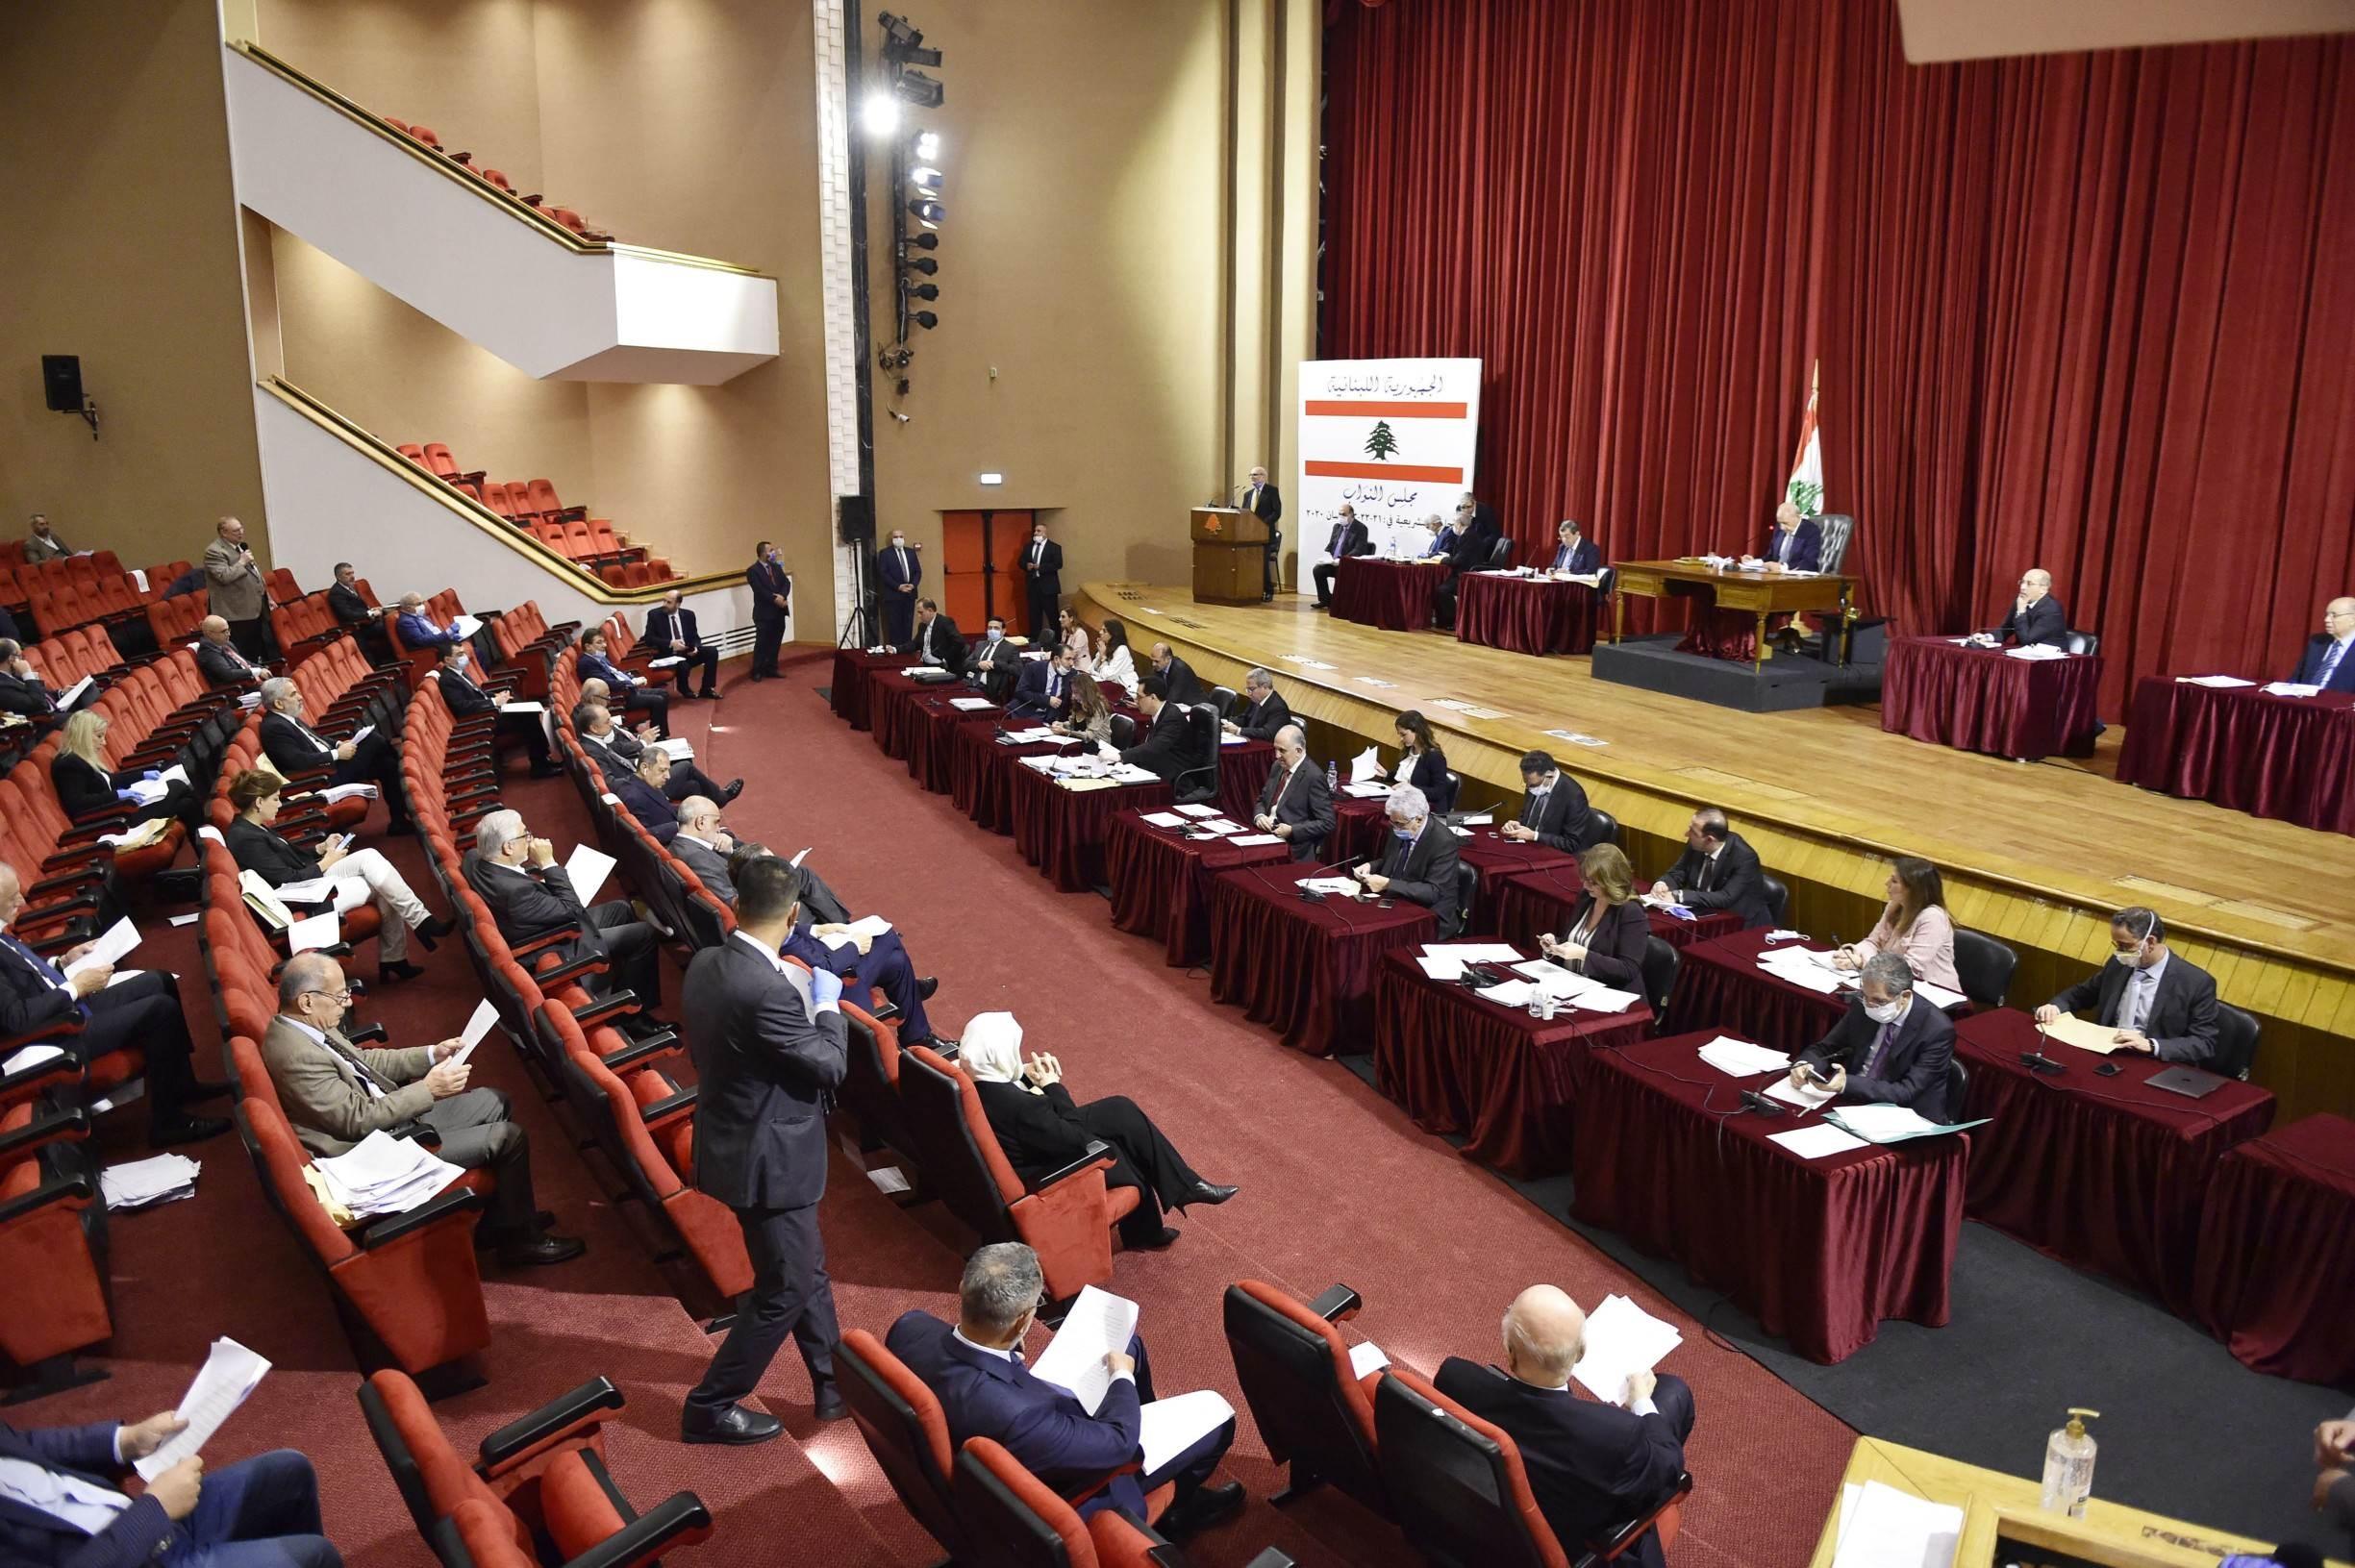 جلسة عامة للبرلمان اللبناني لمناقشة إعلان الحكومة حال الطوارئ في العاصمة بيروت